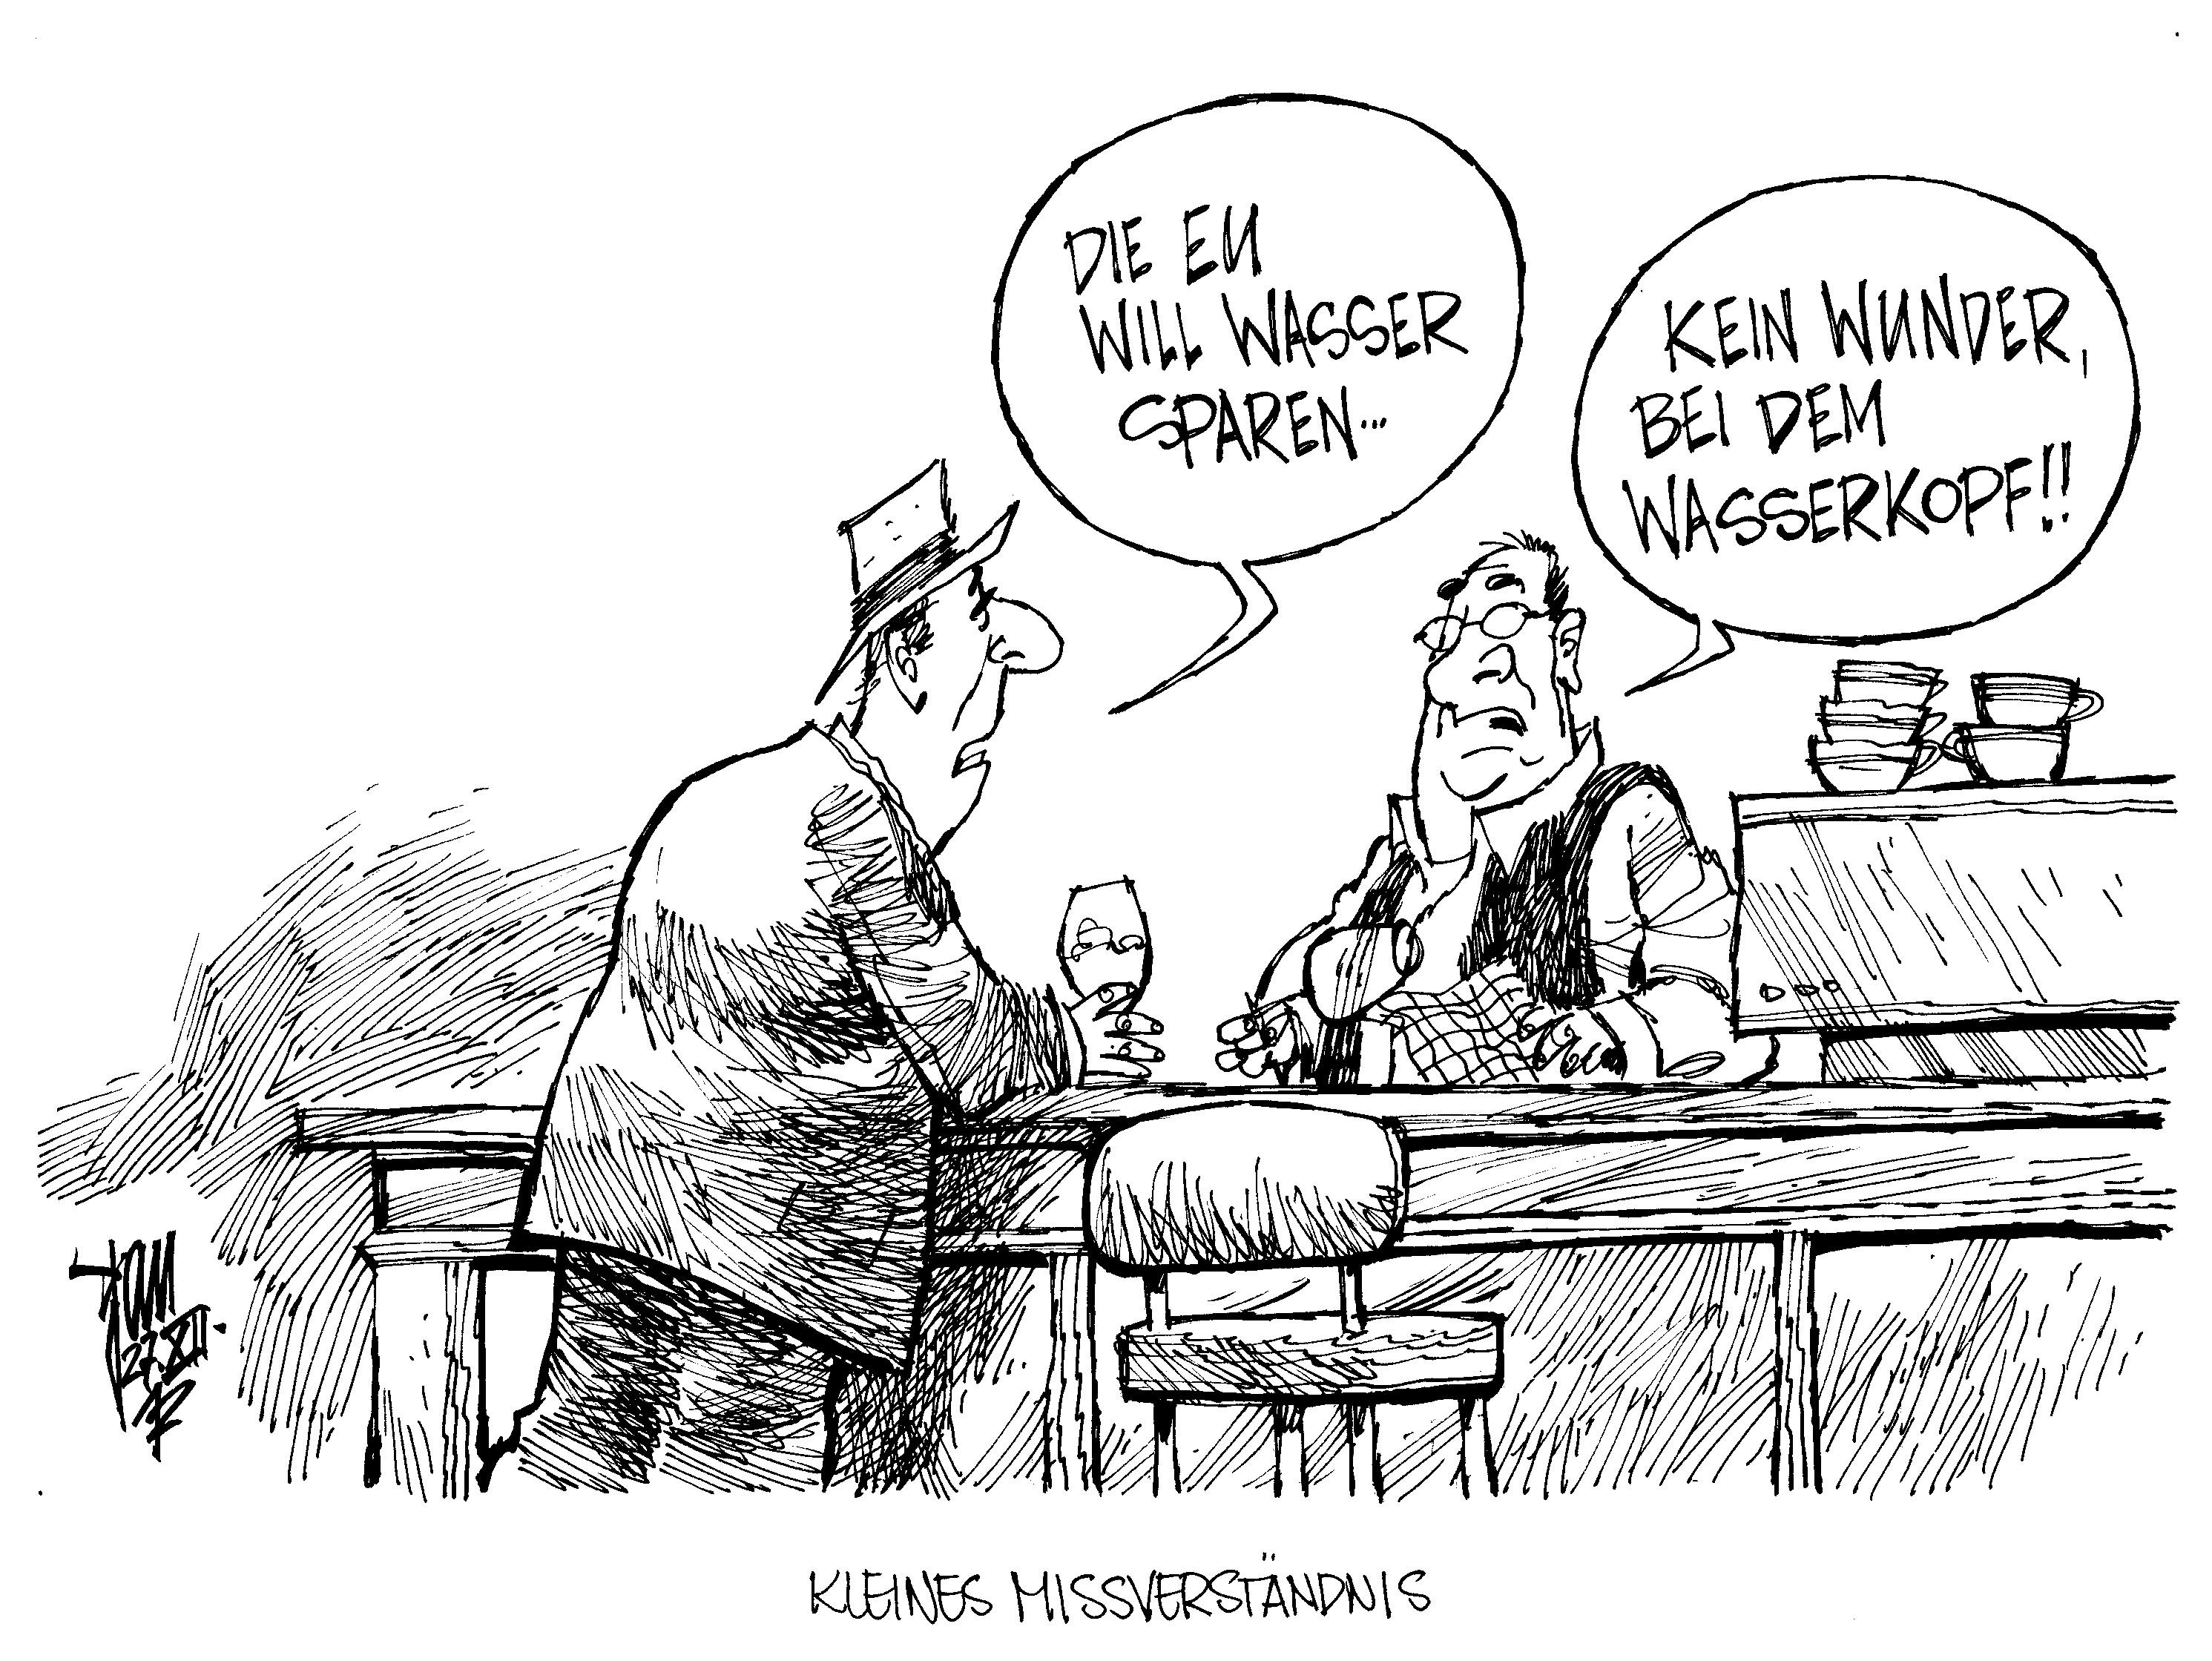 aktuelle karikaturen  die eu will wasser sparen